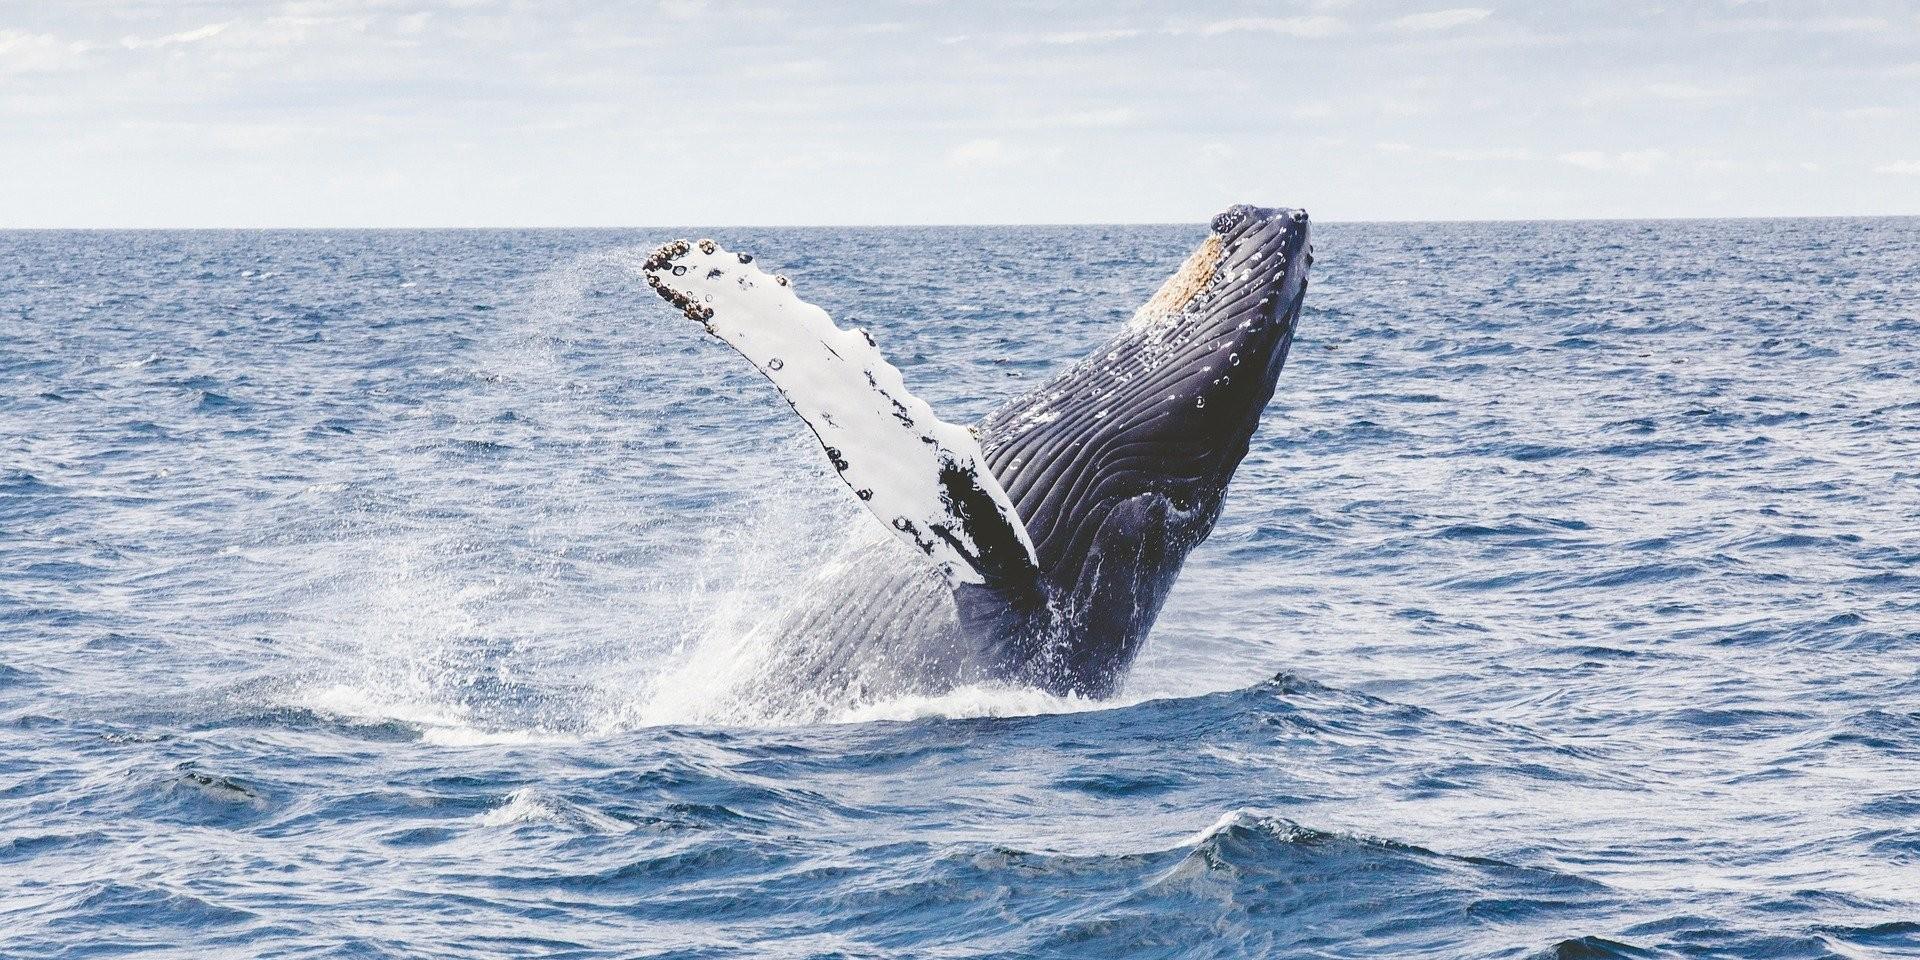 NEVJEROJATNO: Bio sam kitu u ustima! Cijelog me progutao pa me iskašljao